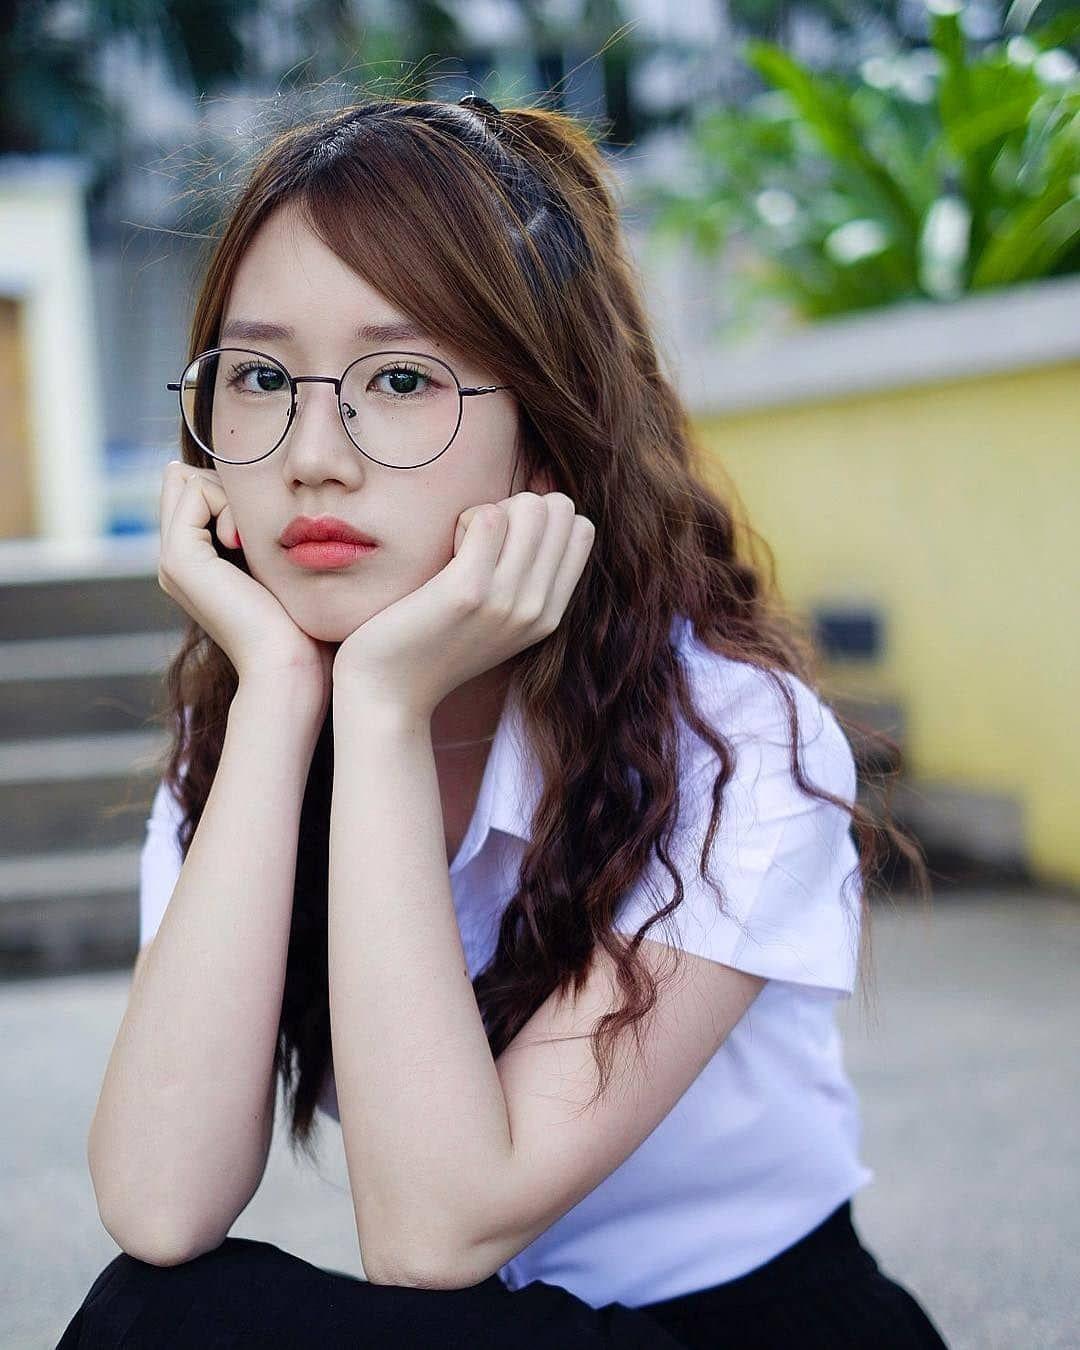 ปักพินโดย L-girl Kim Thảo ใน Jane Ramida | นางแบบ, ผู้หญิง, สาวมหาลัย